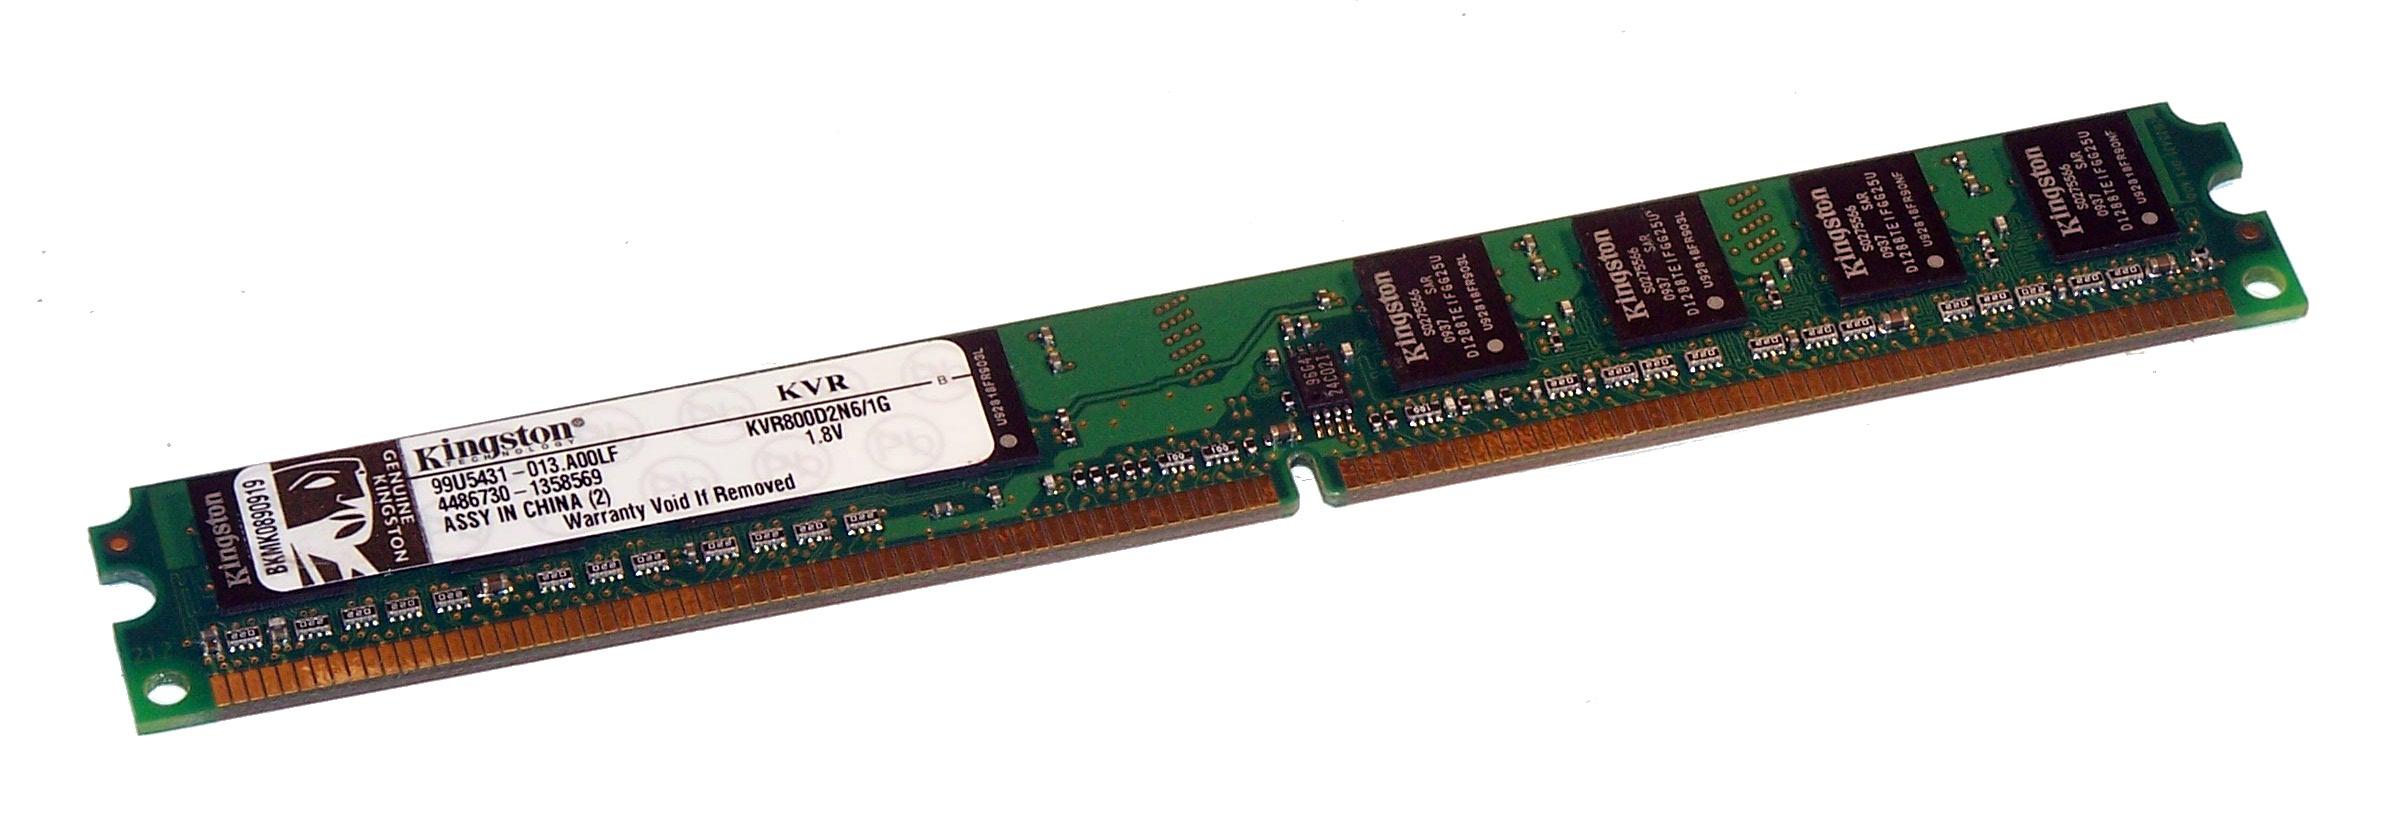 Модуль памяти Kingston DDR3L DIMM 1600MHz PC3-12800 CL10 - 8Gb HX316LC10FB/8